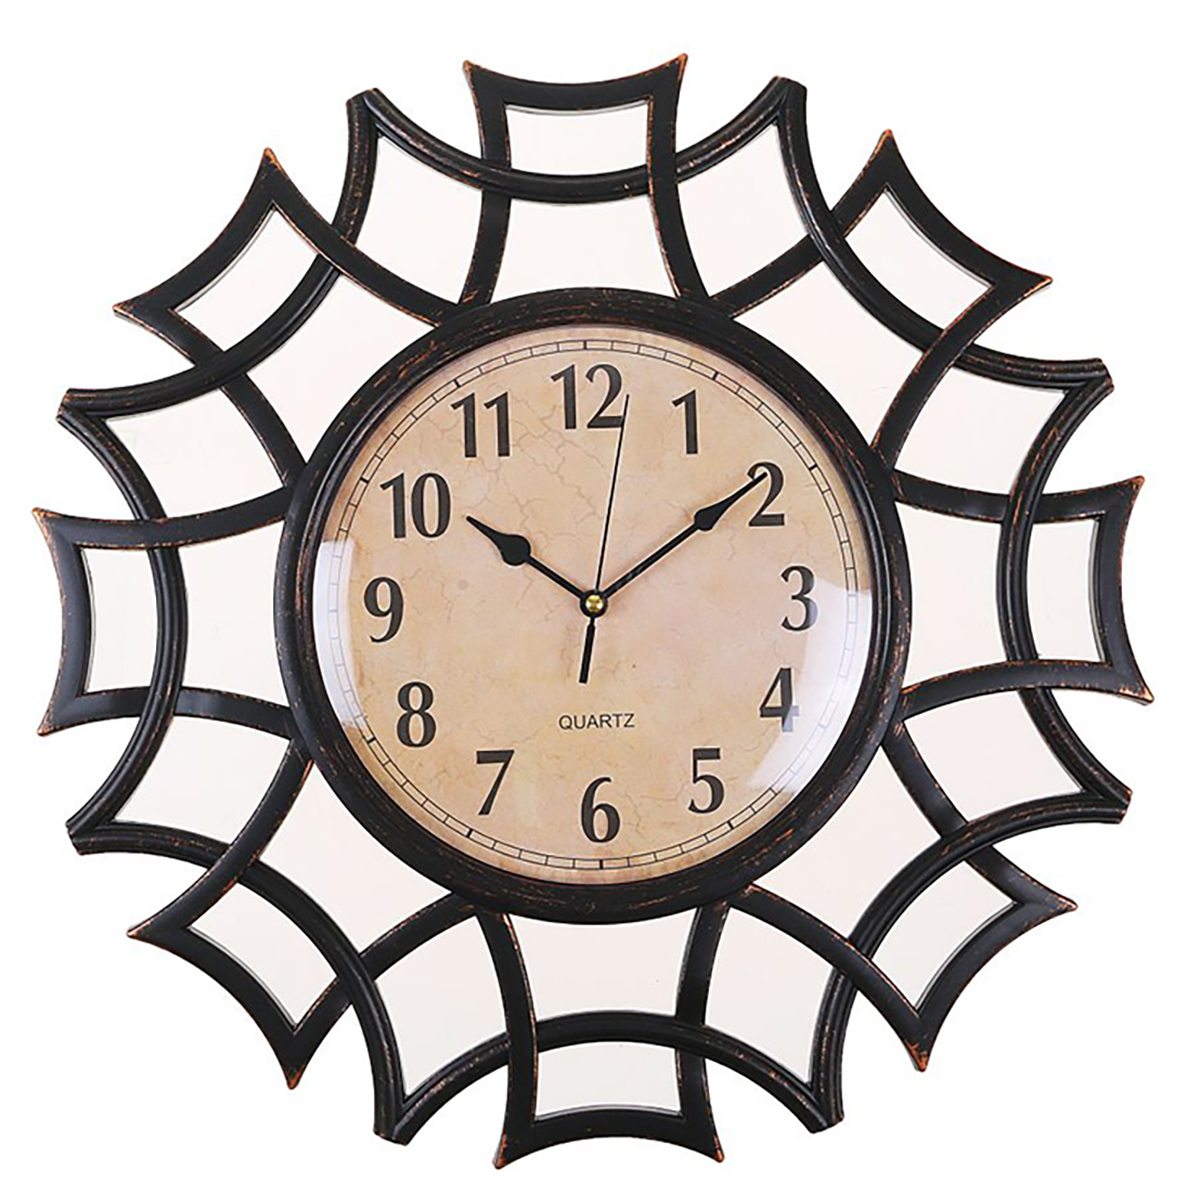 Часы настенные Лепнина, с 2 зеркалами, цвет: черный, 40 х 40 см2354180Каждому хозяину периодически приходит мысль обновить свою квартиру, сделать ремонт, перестановку или кардинально поменять внешний вид каждой комнаты. — привлекательная деталь, которая поможет воплотить вашу интерьерную идею, создать неповторимую атмосферу в вашем доме. Окружите себя приятными мелочами, пусть они радуют глаз и дарят гармонию.Часы настенные Лепнина 2 зеркала, черные, ветви 40*3*40 см 2354180